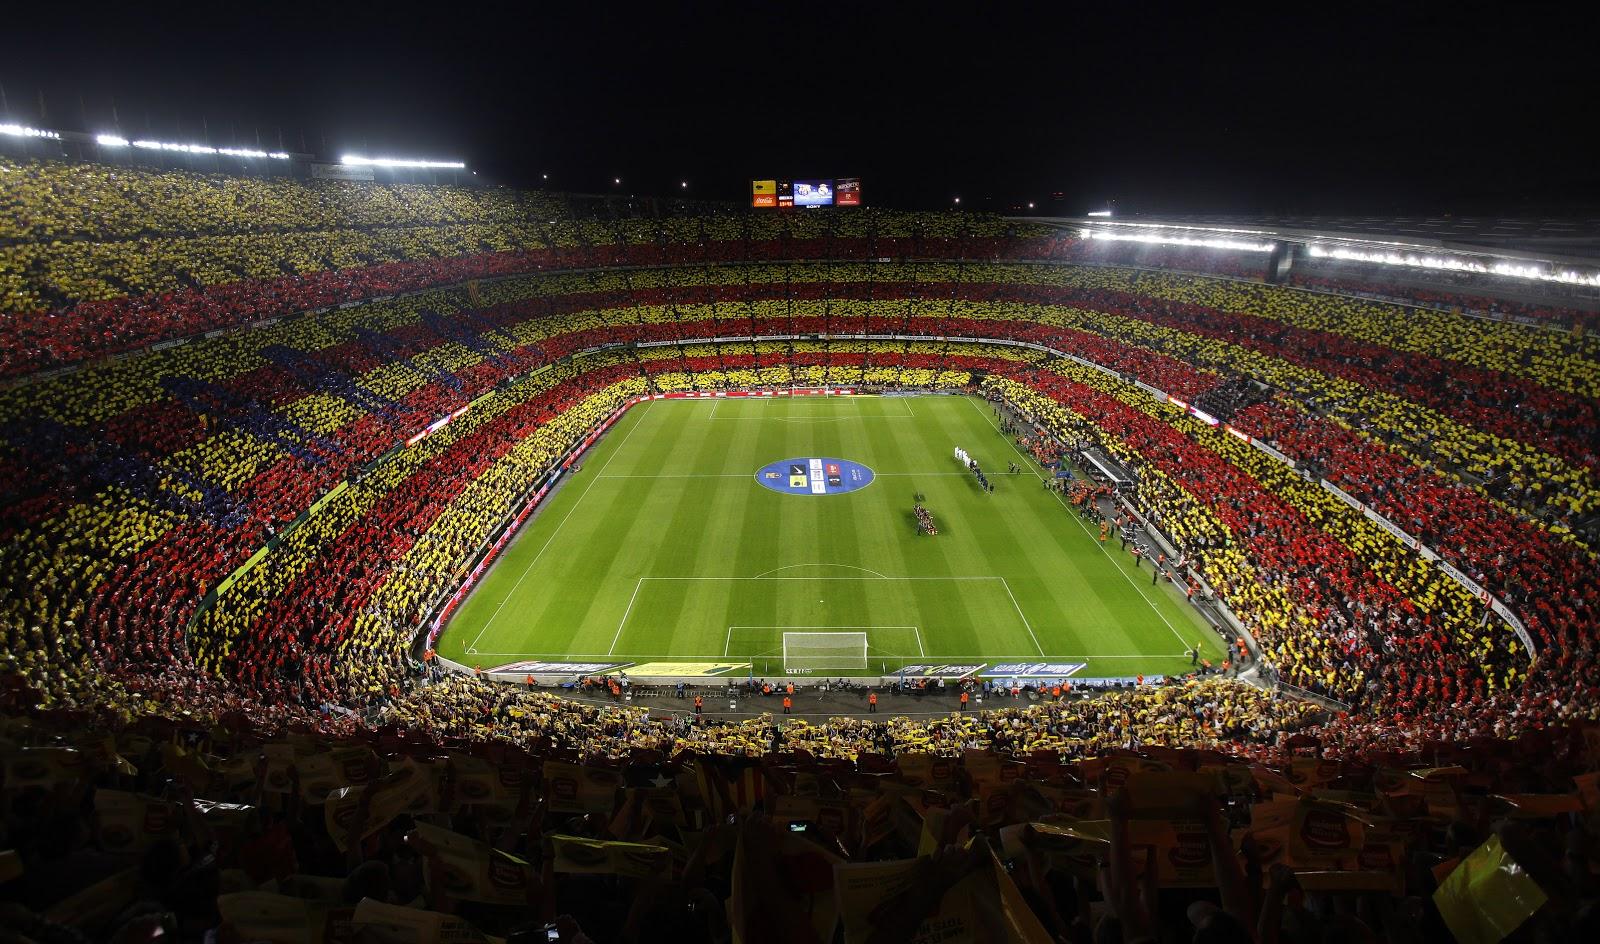 Fc barcelona estadio - Soccer stadium hd ...